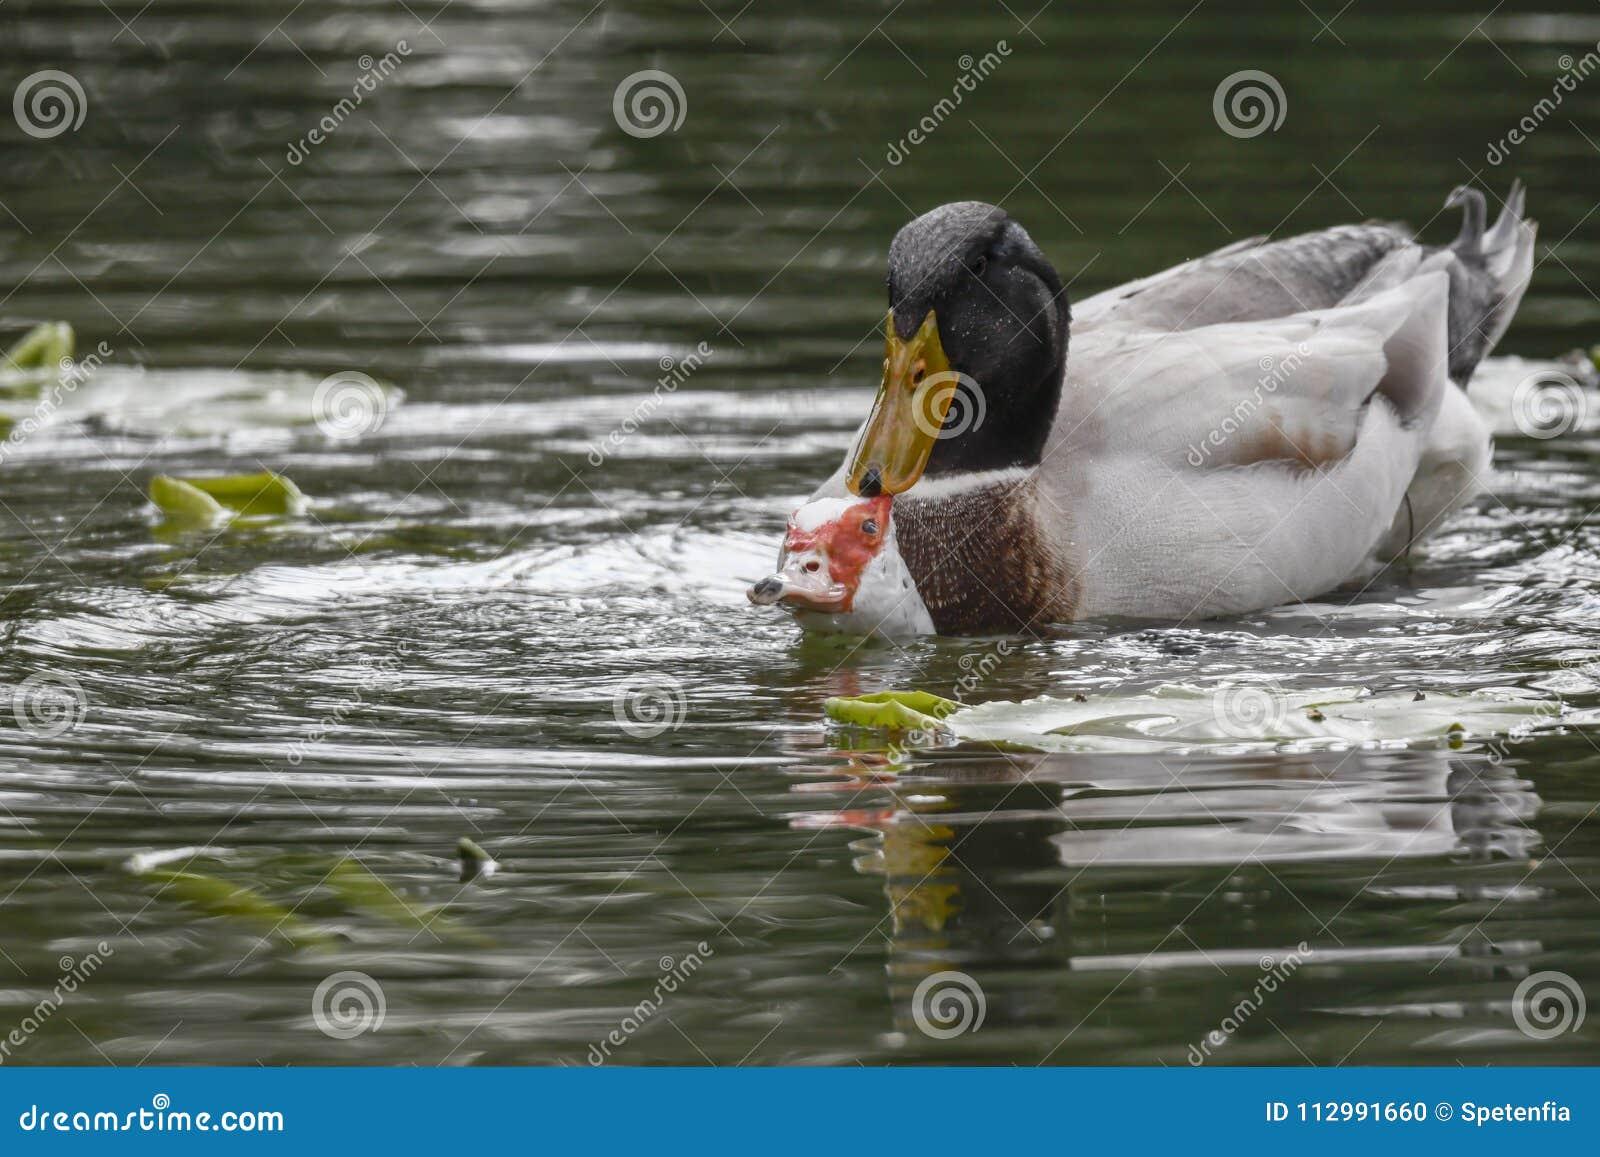 Mating ducks at lake